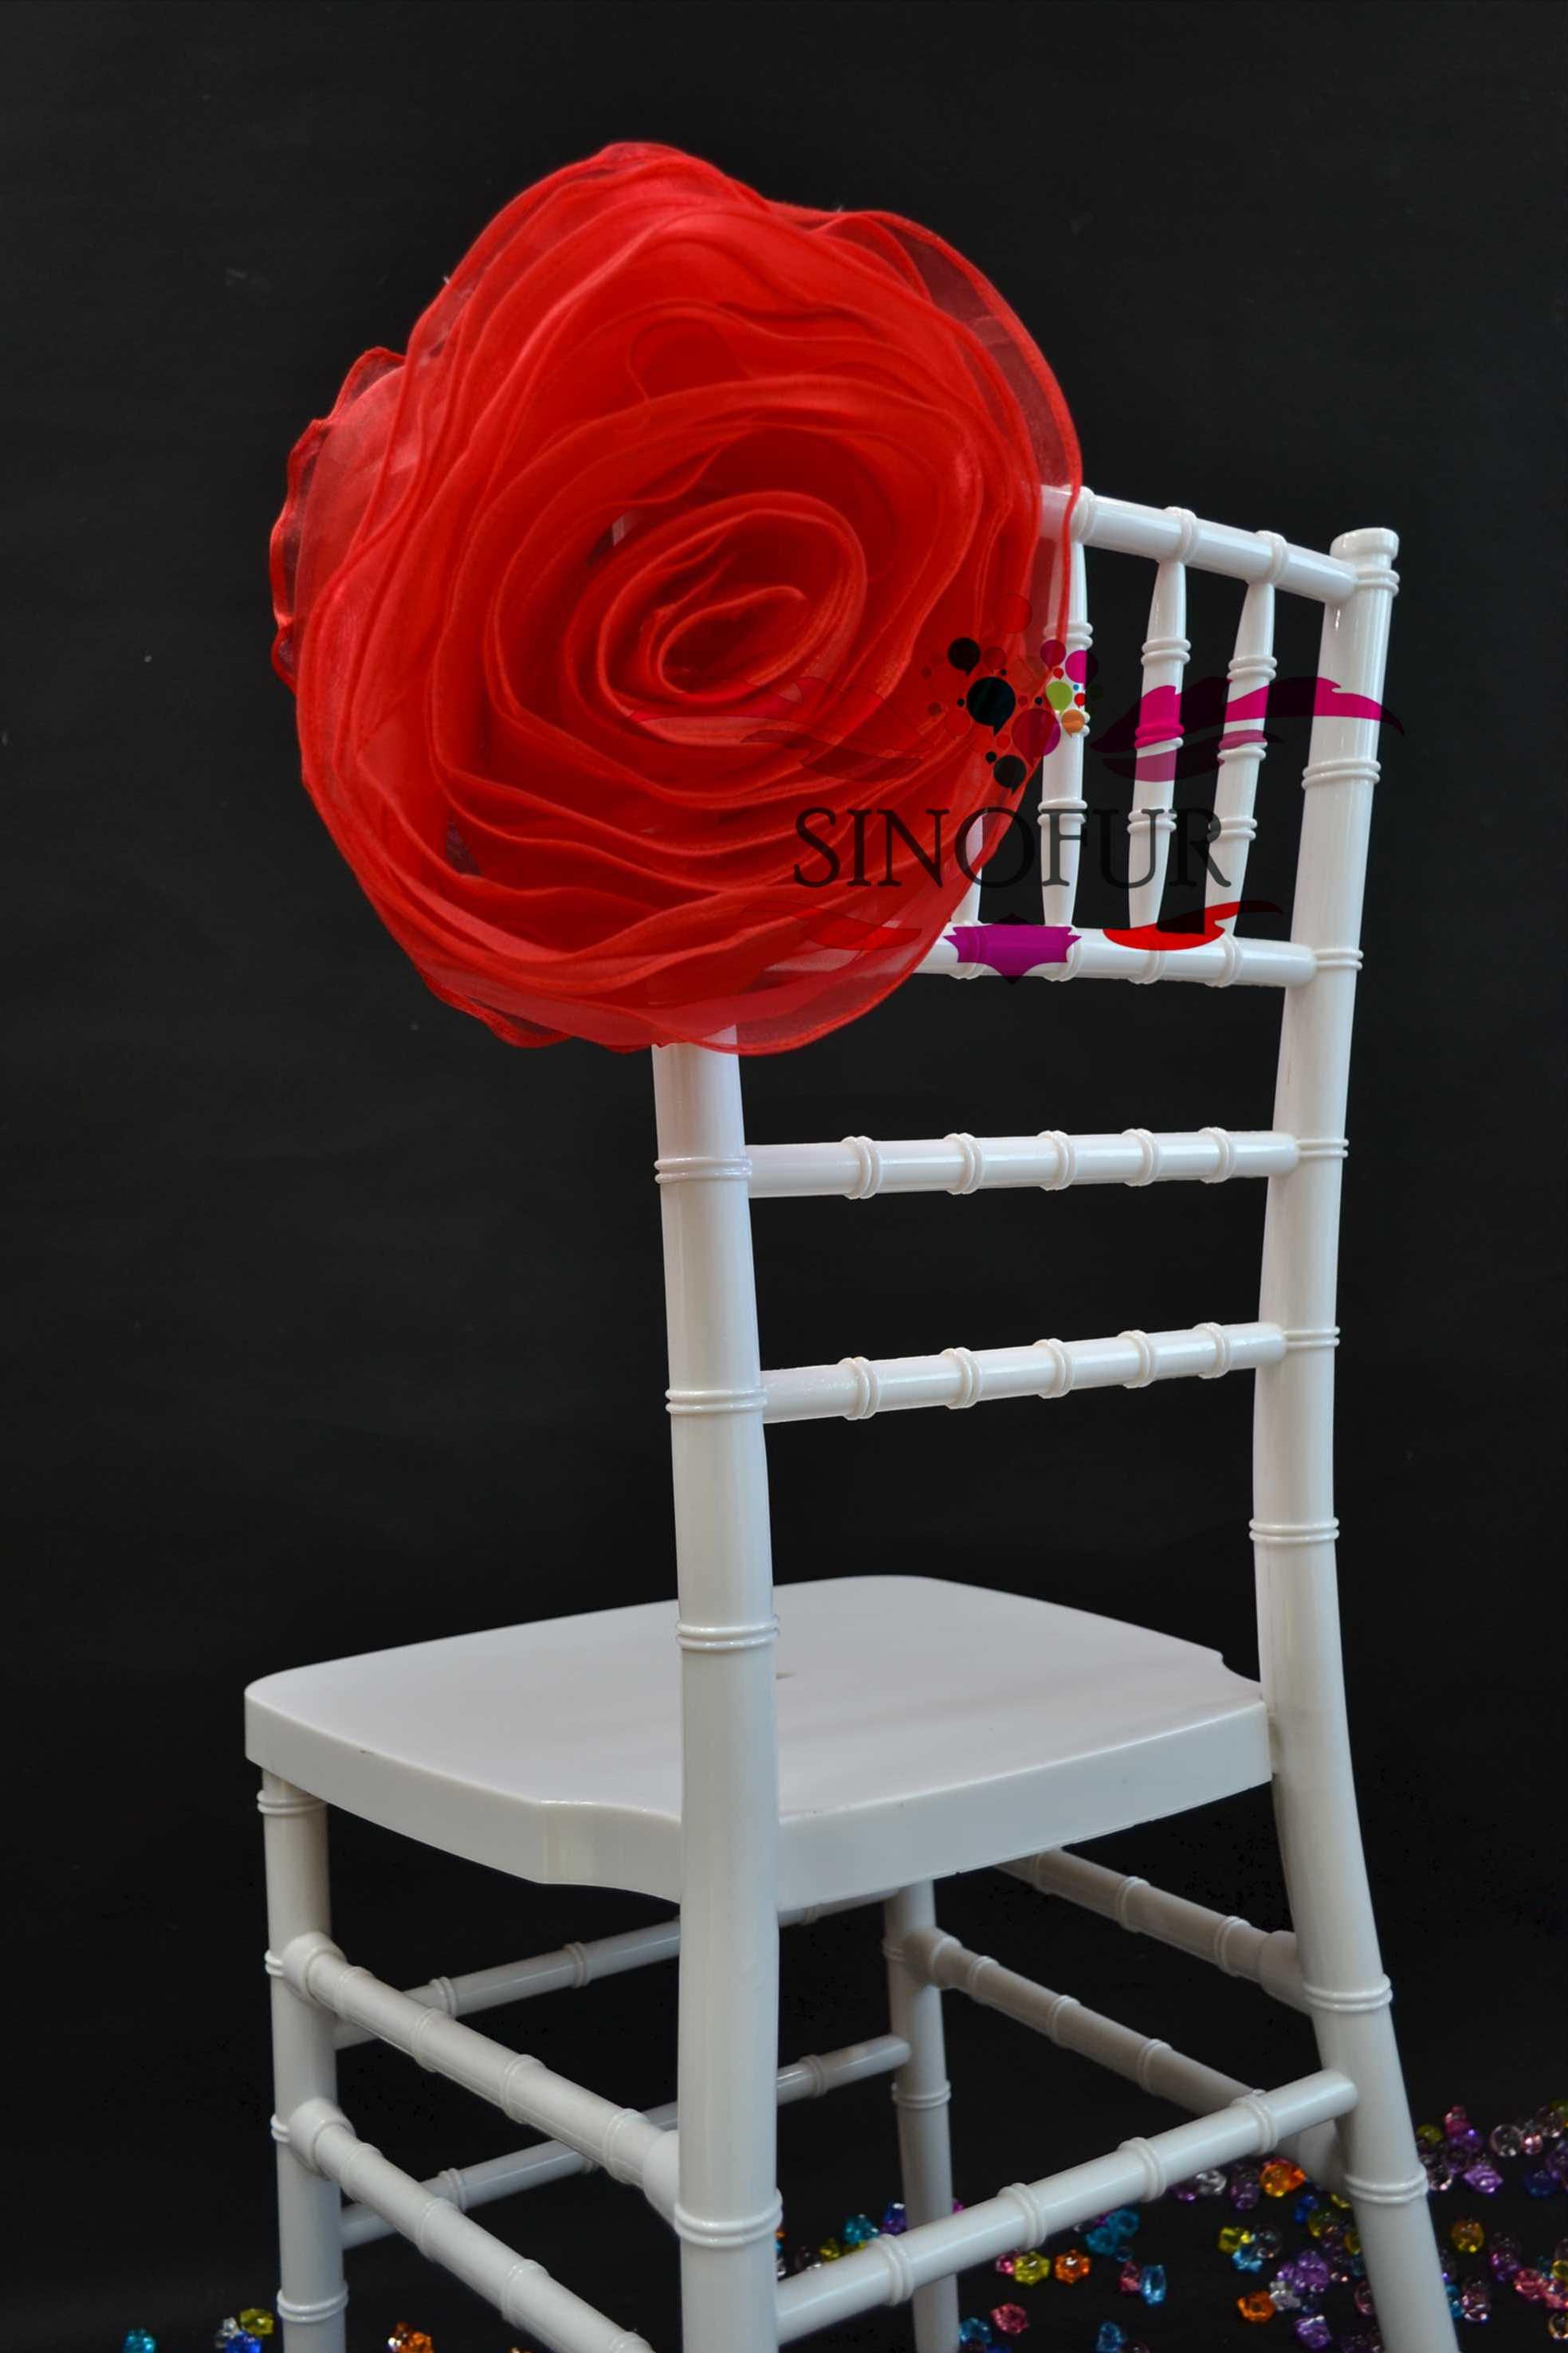 chaise couverture de chaise de mariage en organza fleur housse chaise id du produit 500002242002. Black Bedroom Furniture Sets. Home Design Ideas